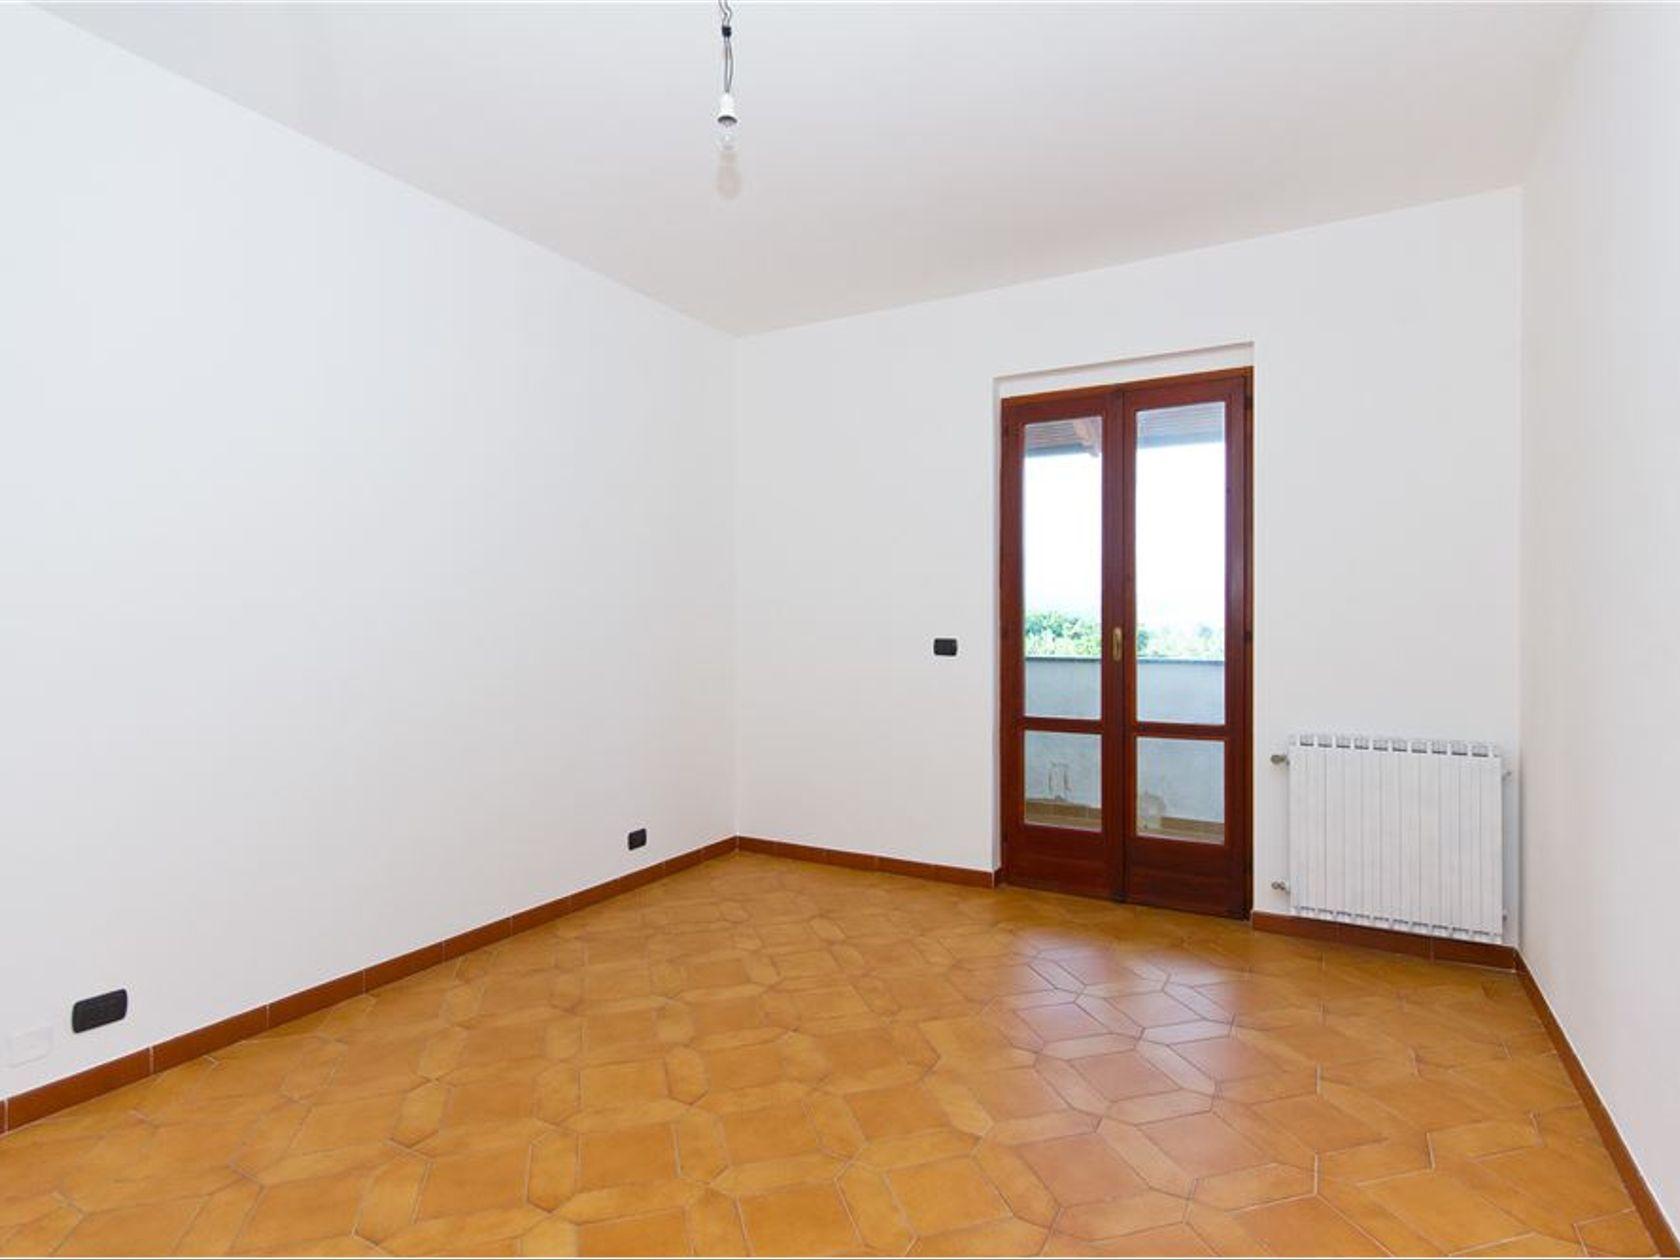 Appartamento Rosta, TO Vendita - Foto 6